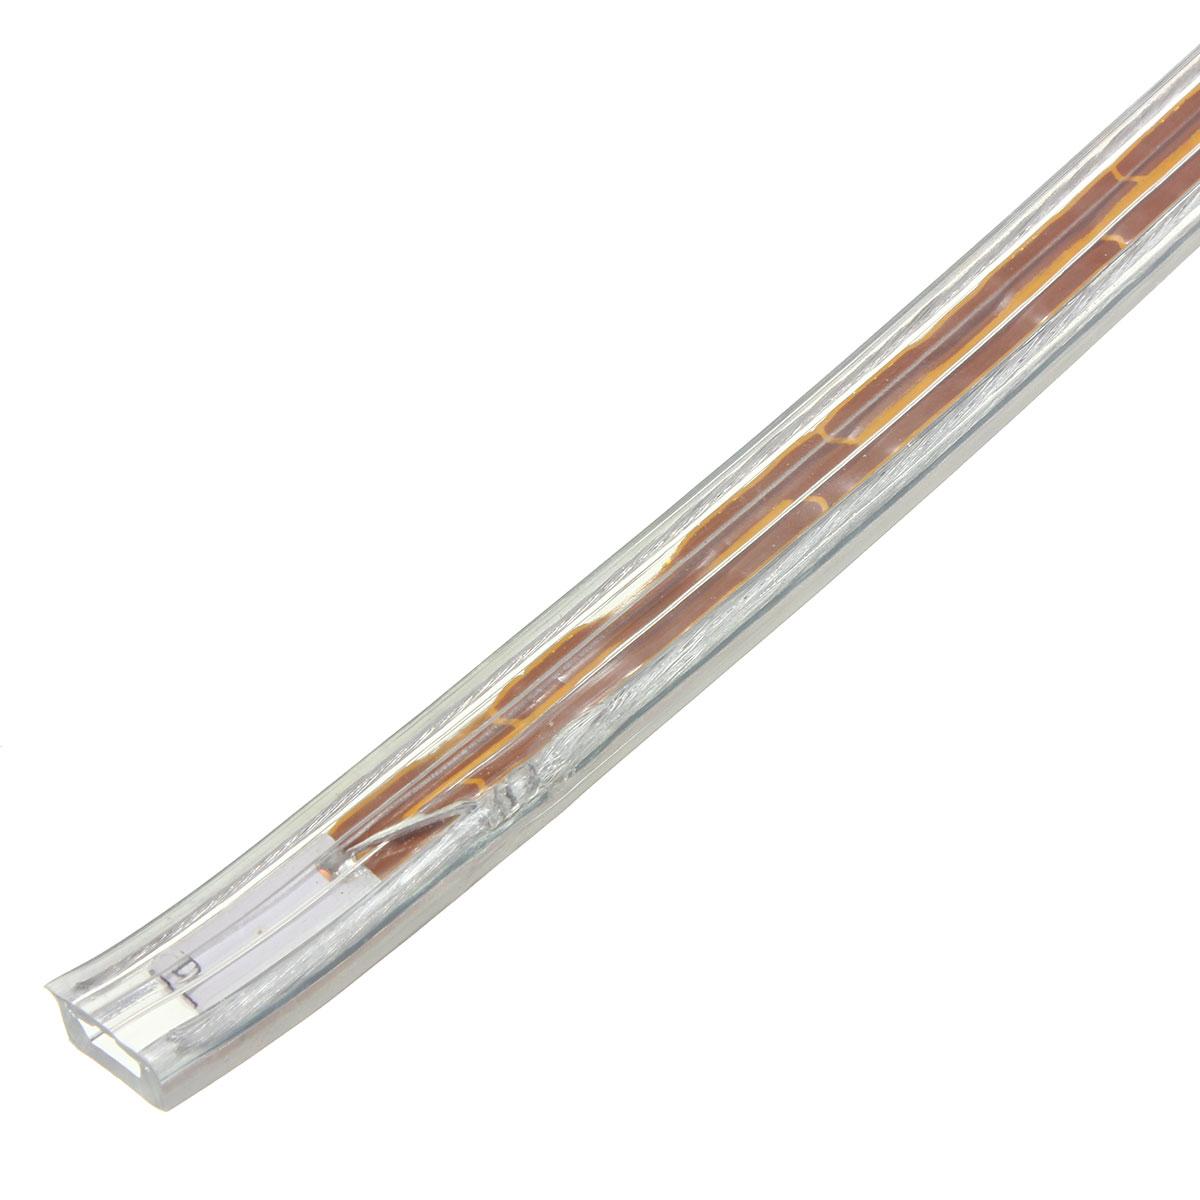 220v 10m 5050 led smd outdoor waterproof flexible tape. Black Bedroom Furniture Sets. Home Design Ideas